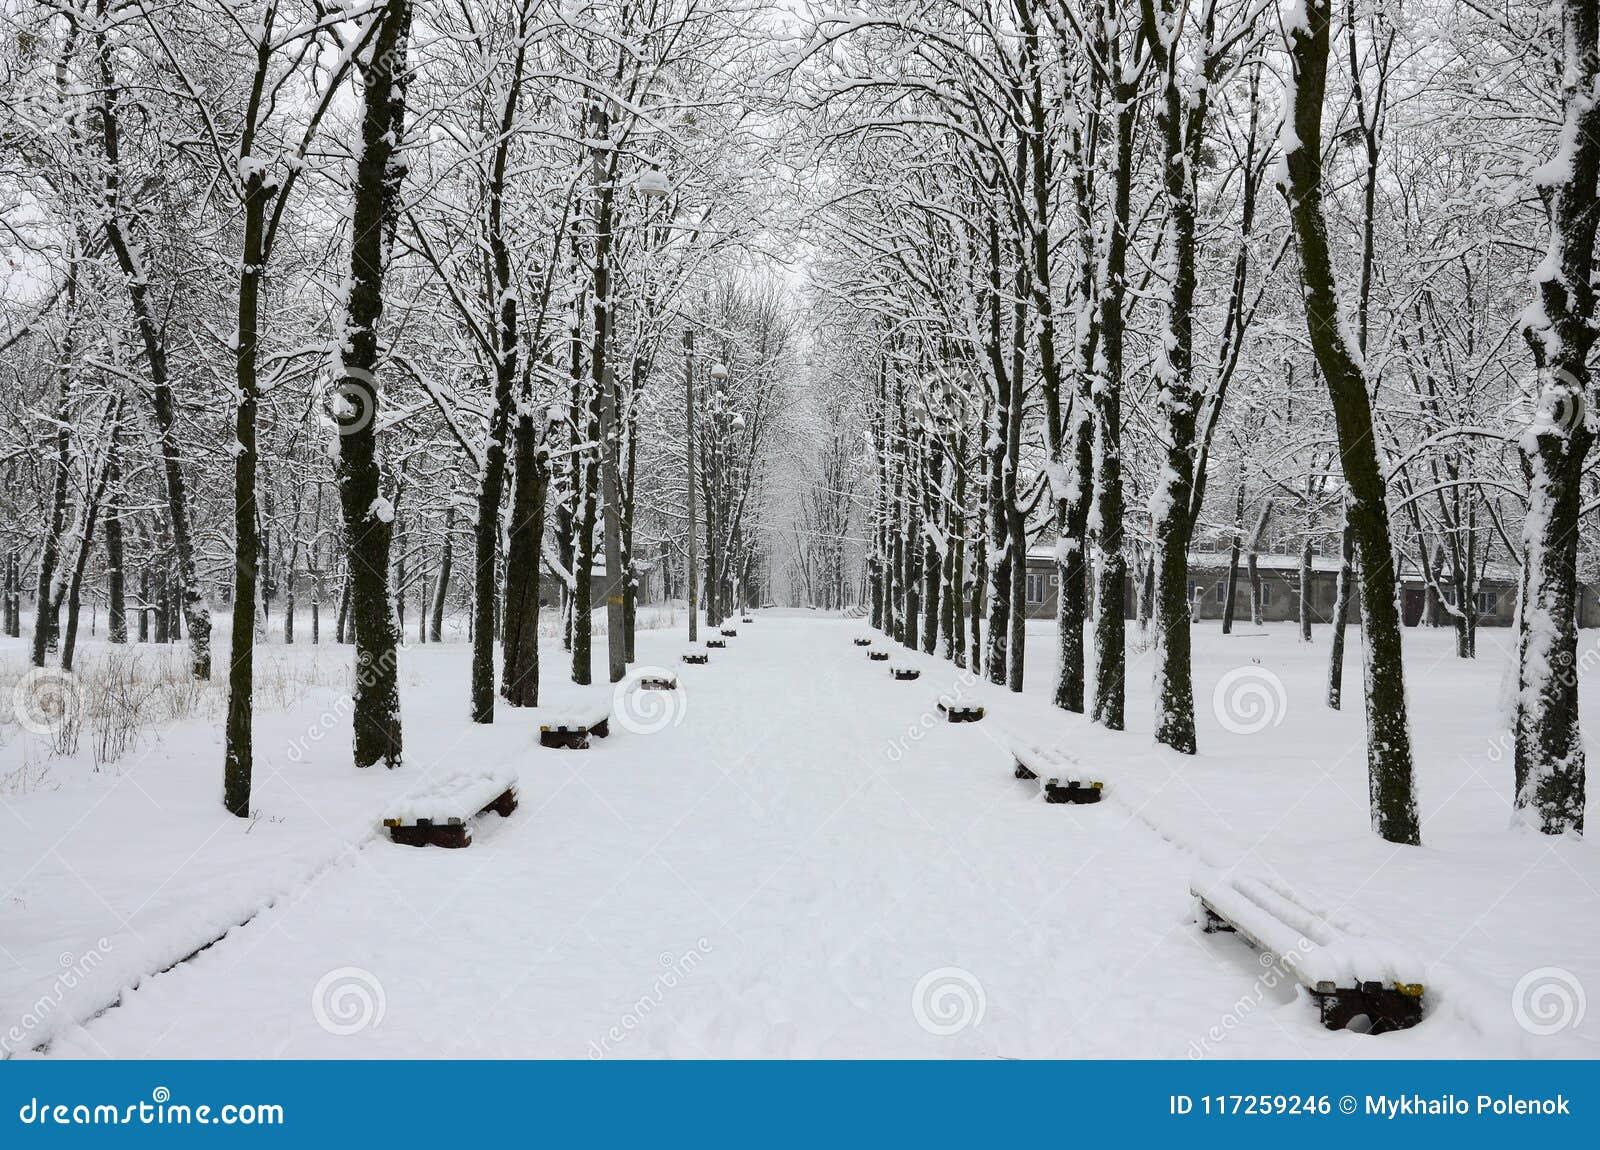 De winterlandschap in een snow-covered park na een zware natte sneeuwval Een dikke laag van sneeuw ligt op de takken van bomen